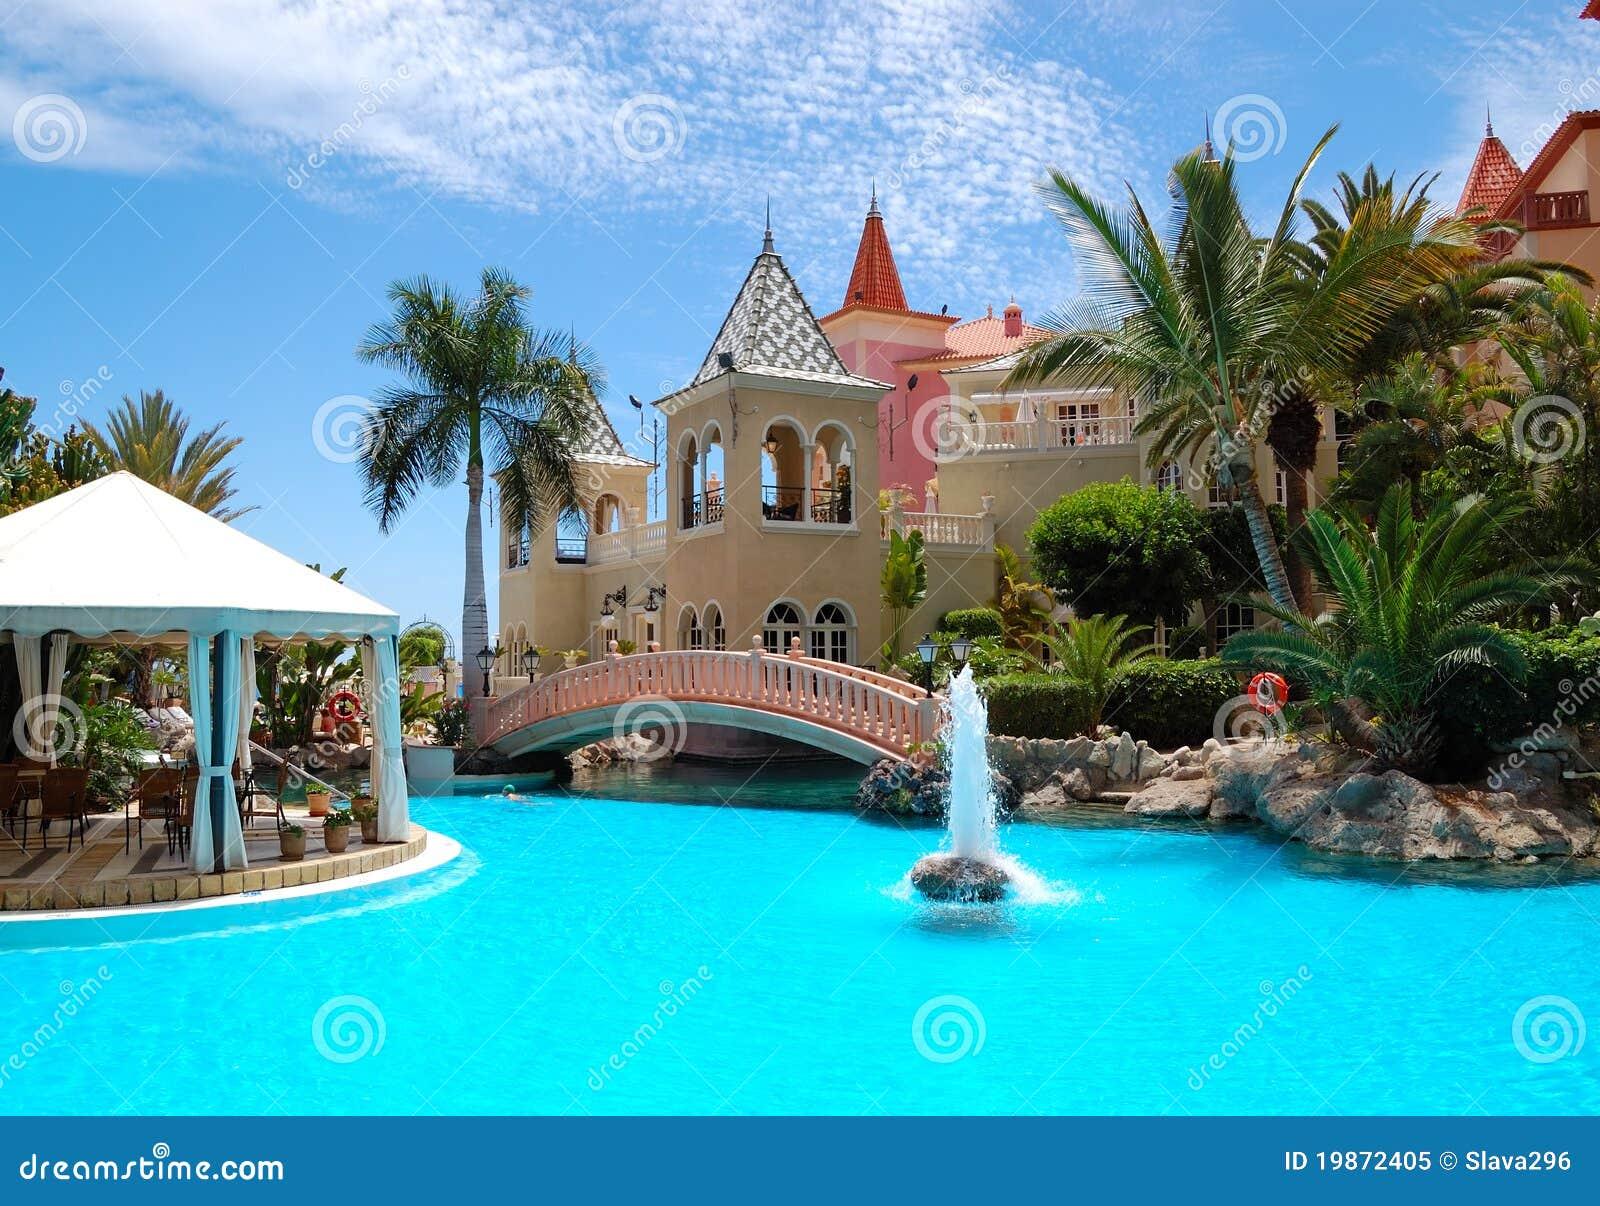 Zwembad Op Balkon : Zwembad met fontein bij luxehotel stock afbeelding afbeelding